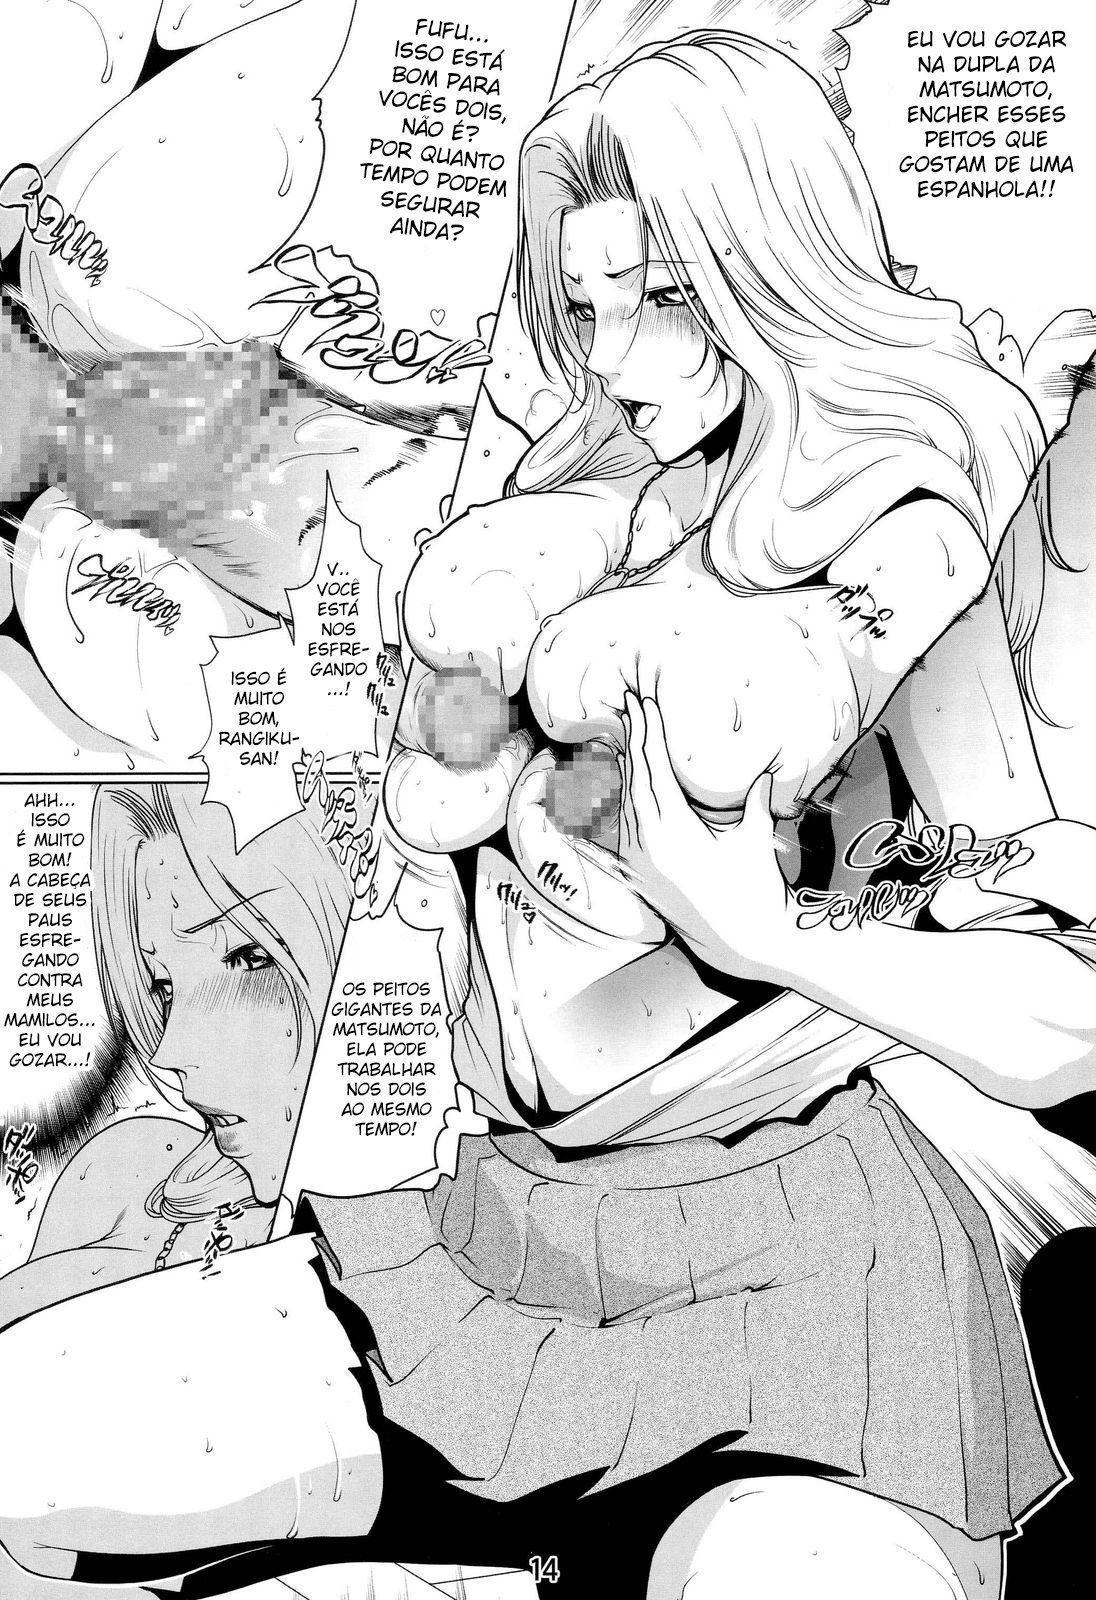 Hentaihome-Bleach-hentai-Matsumoto-à-puta-dos-Shinigami-12